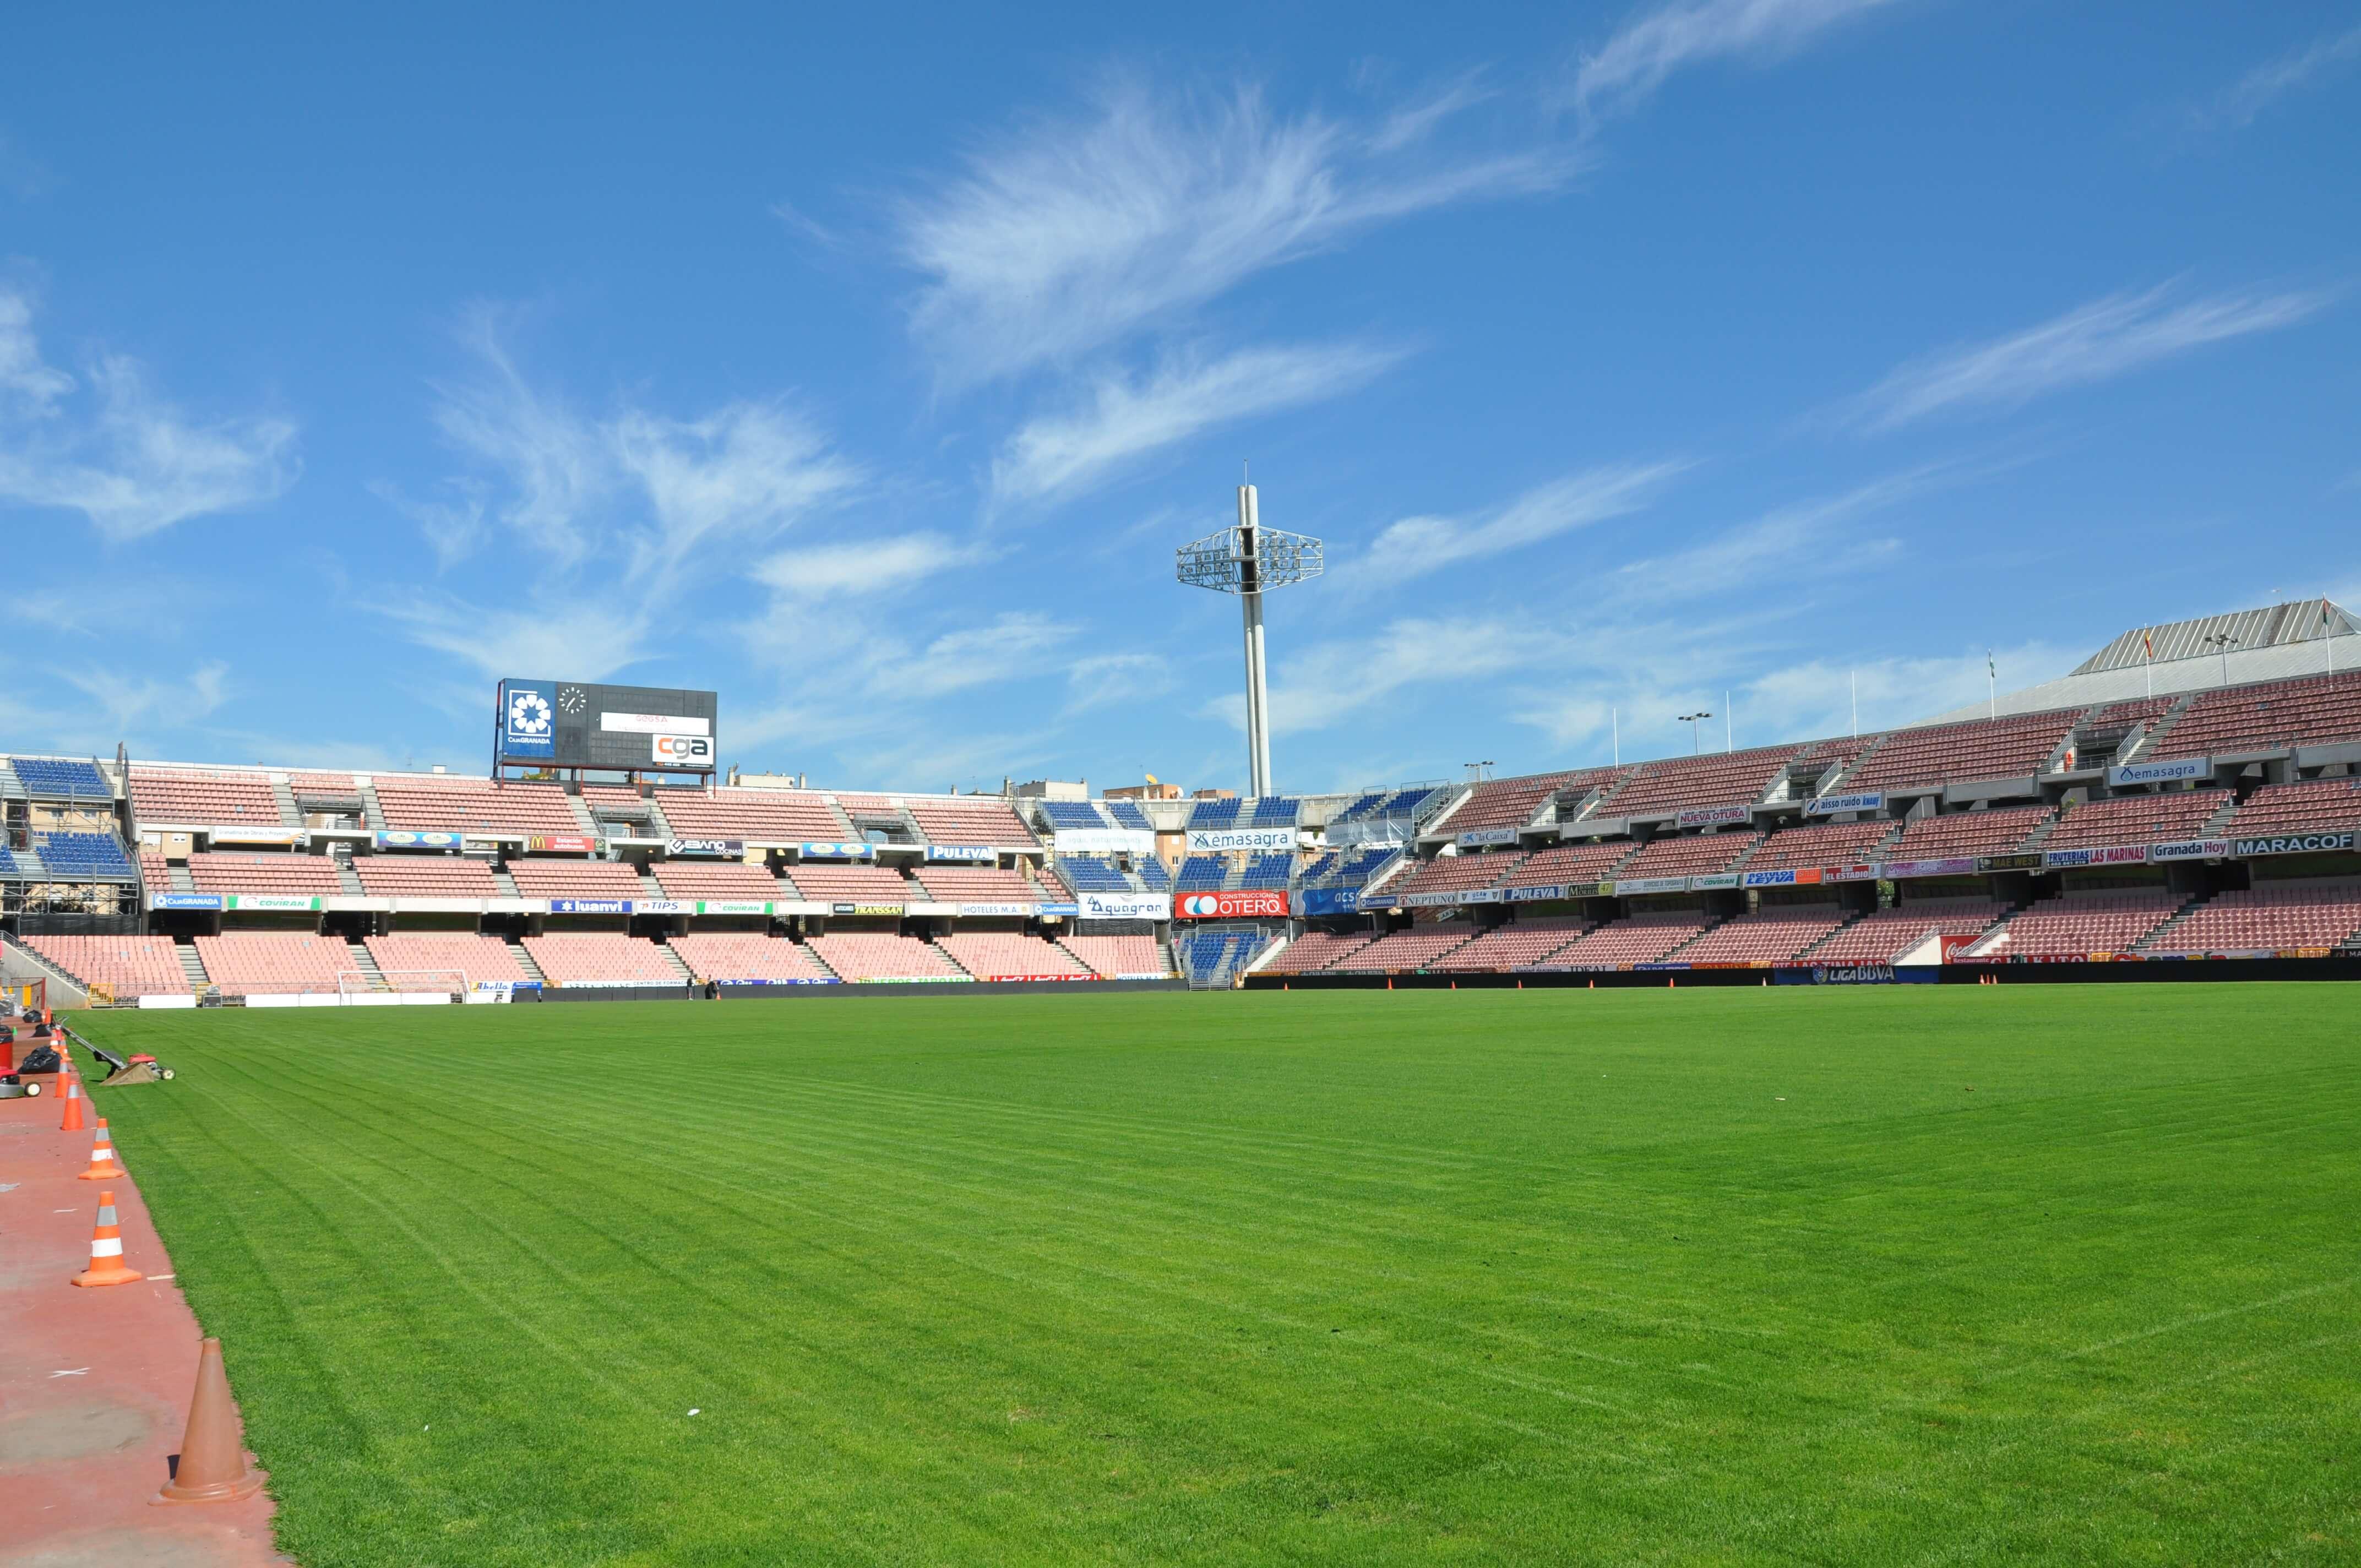 Granada Vs Real Valladolid At Nuevo Estadio De Los Carmenes On 15